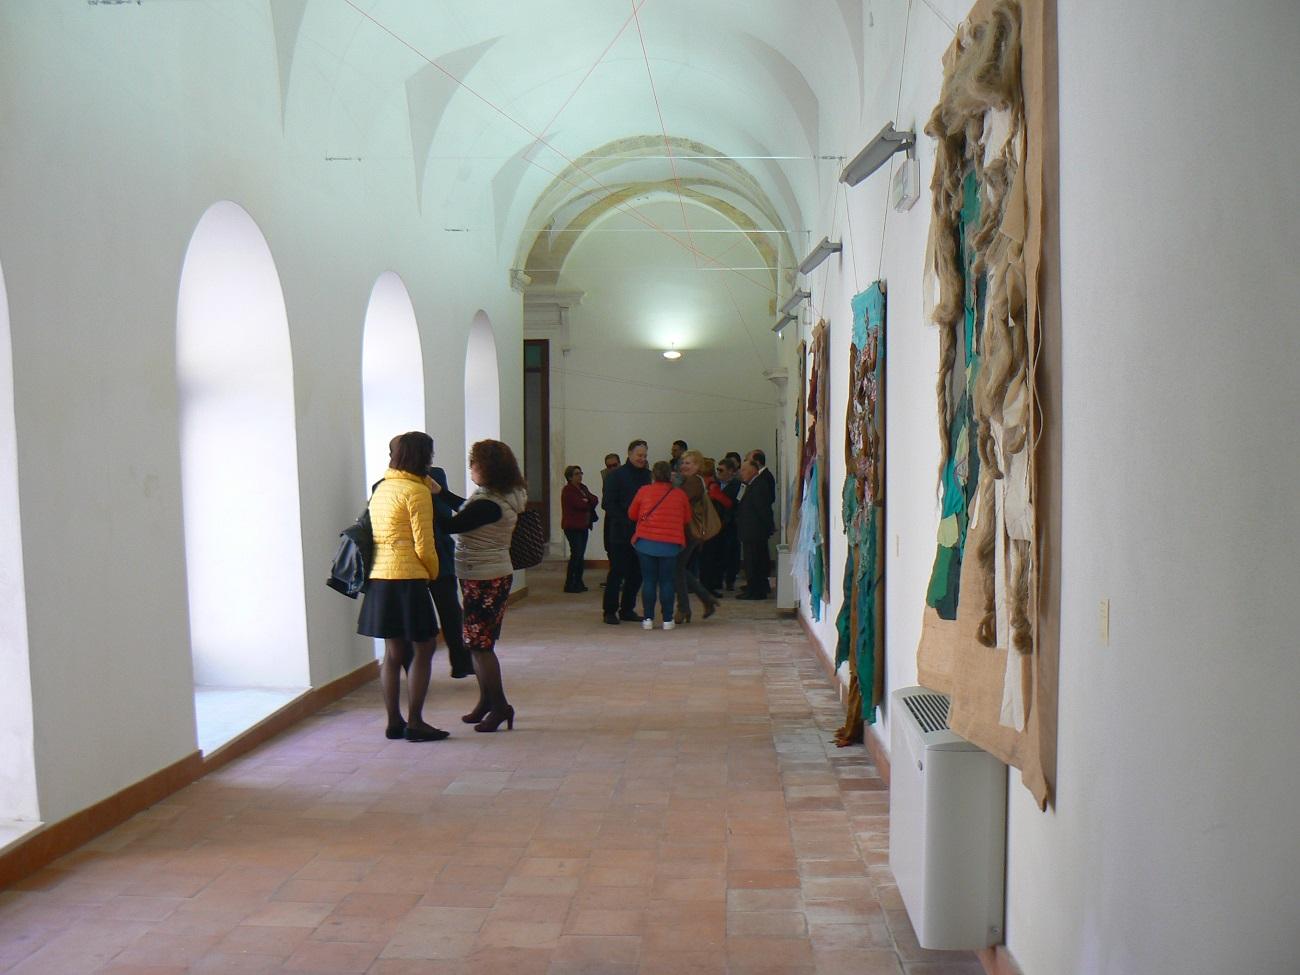 La visita alla mostra della galleria del Vaccaro